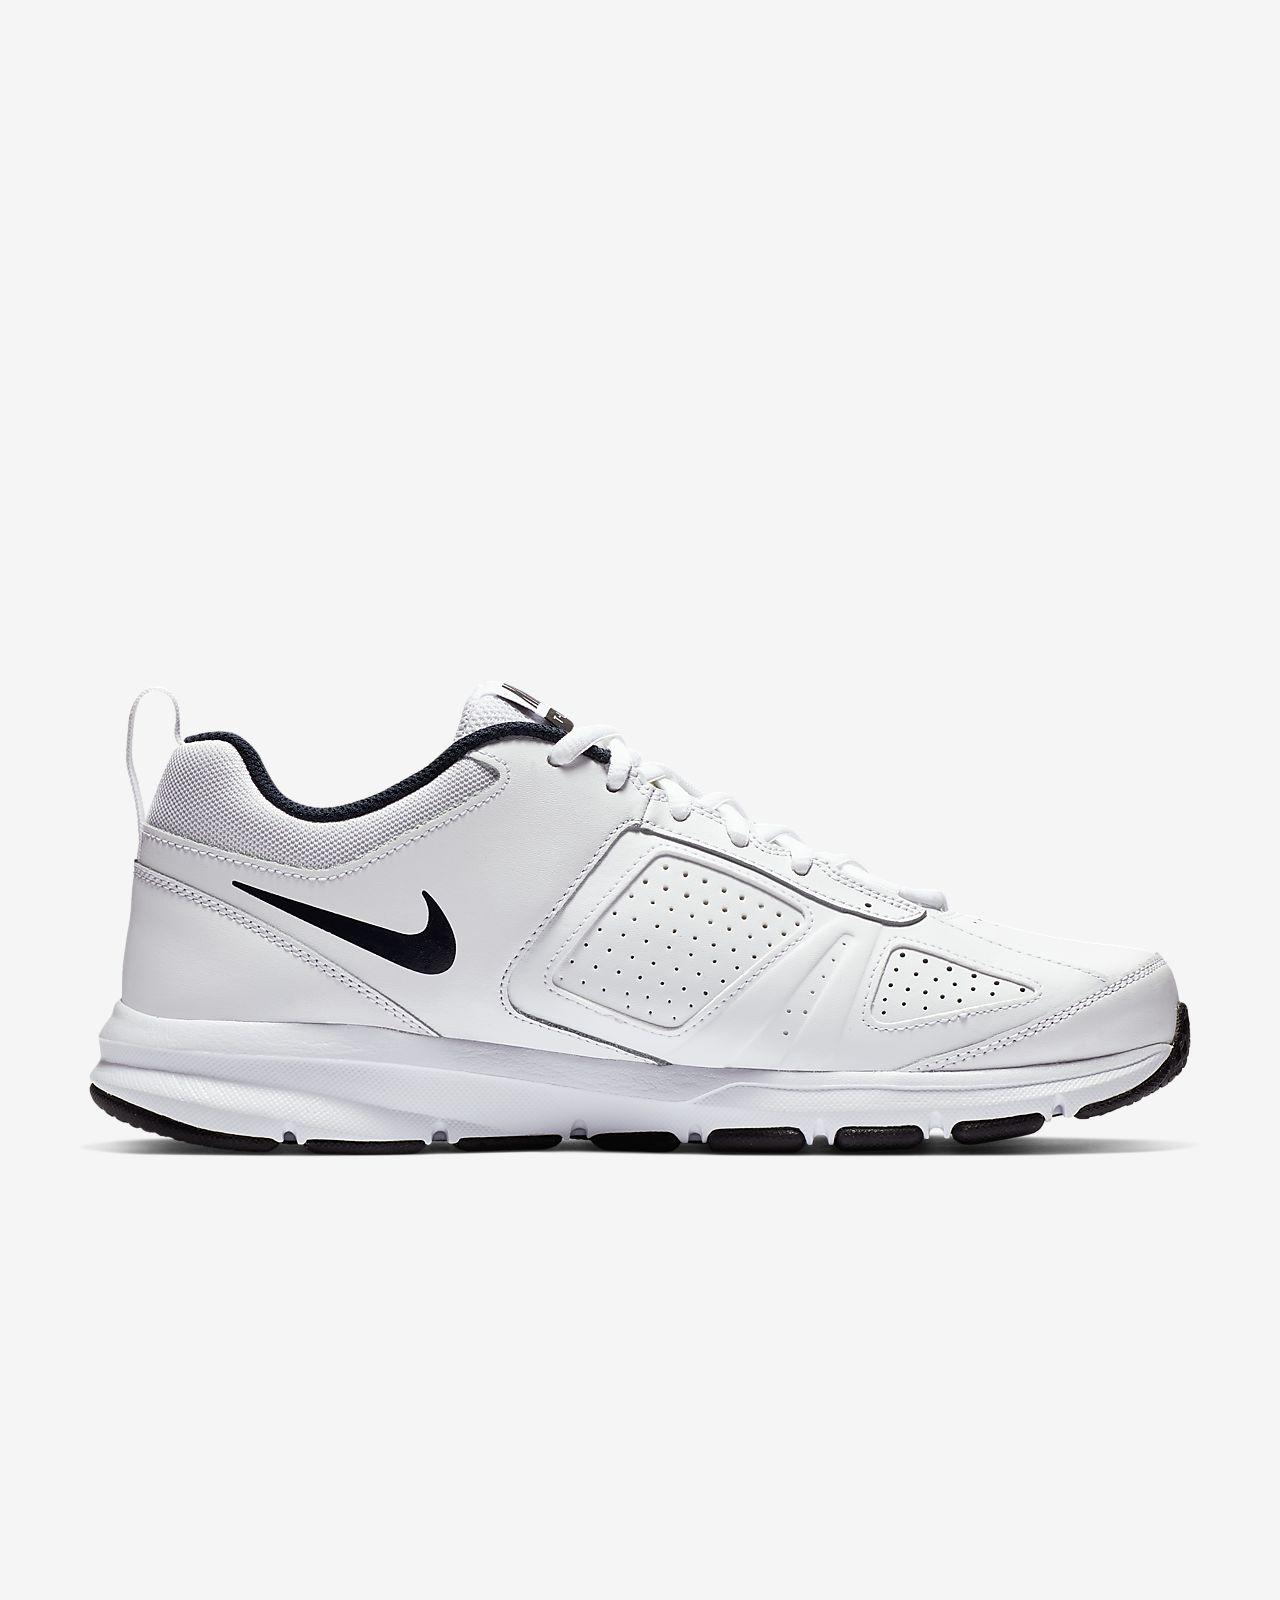 Nike T Lite XI cipő 49.5 es méretben kapható